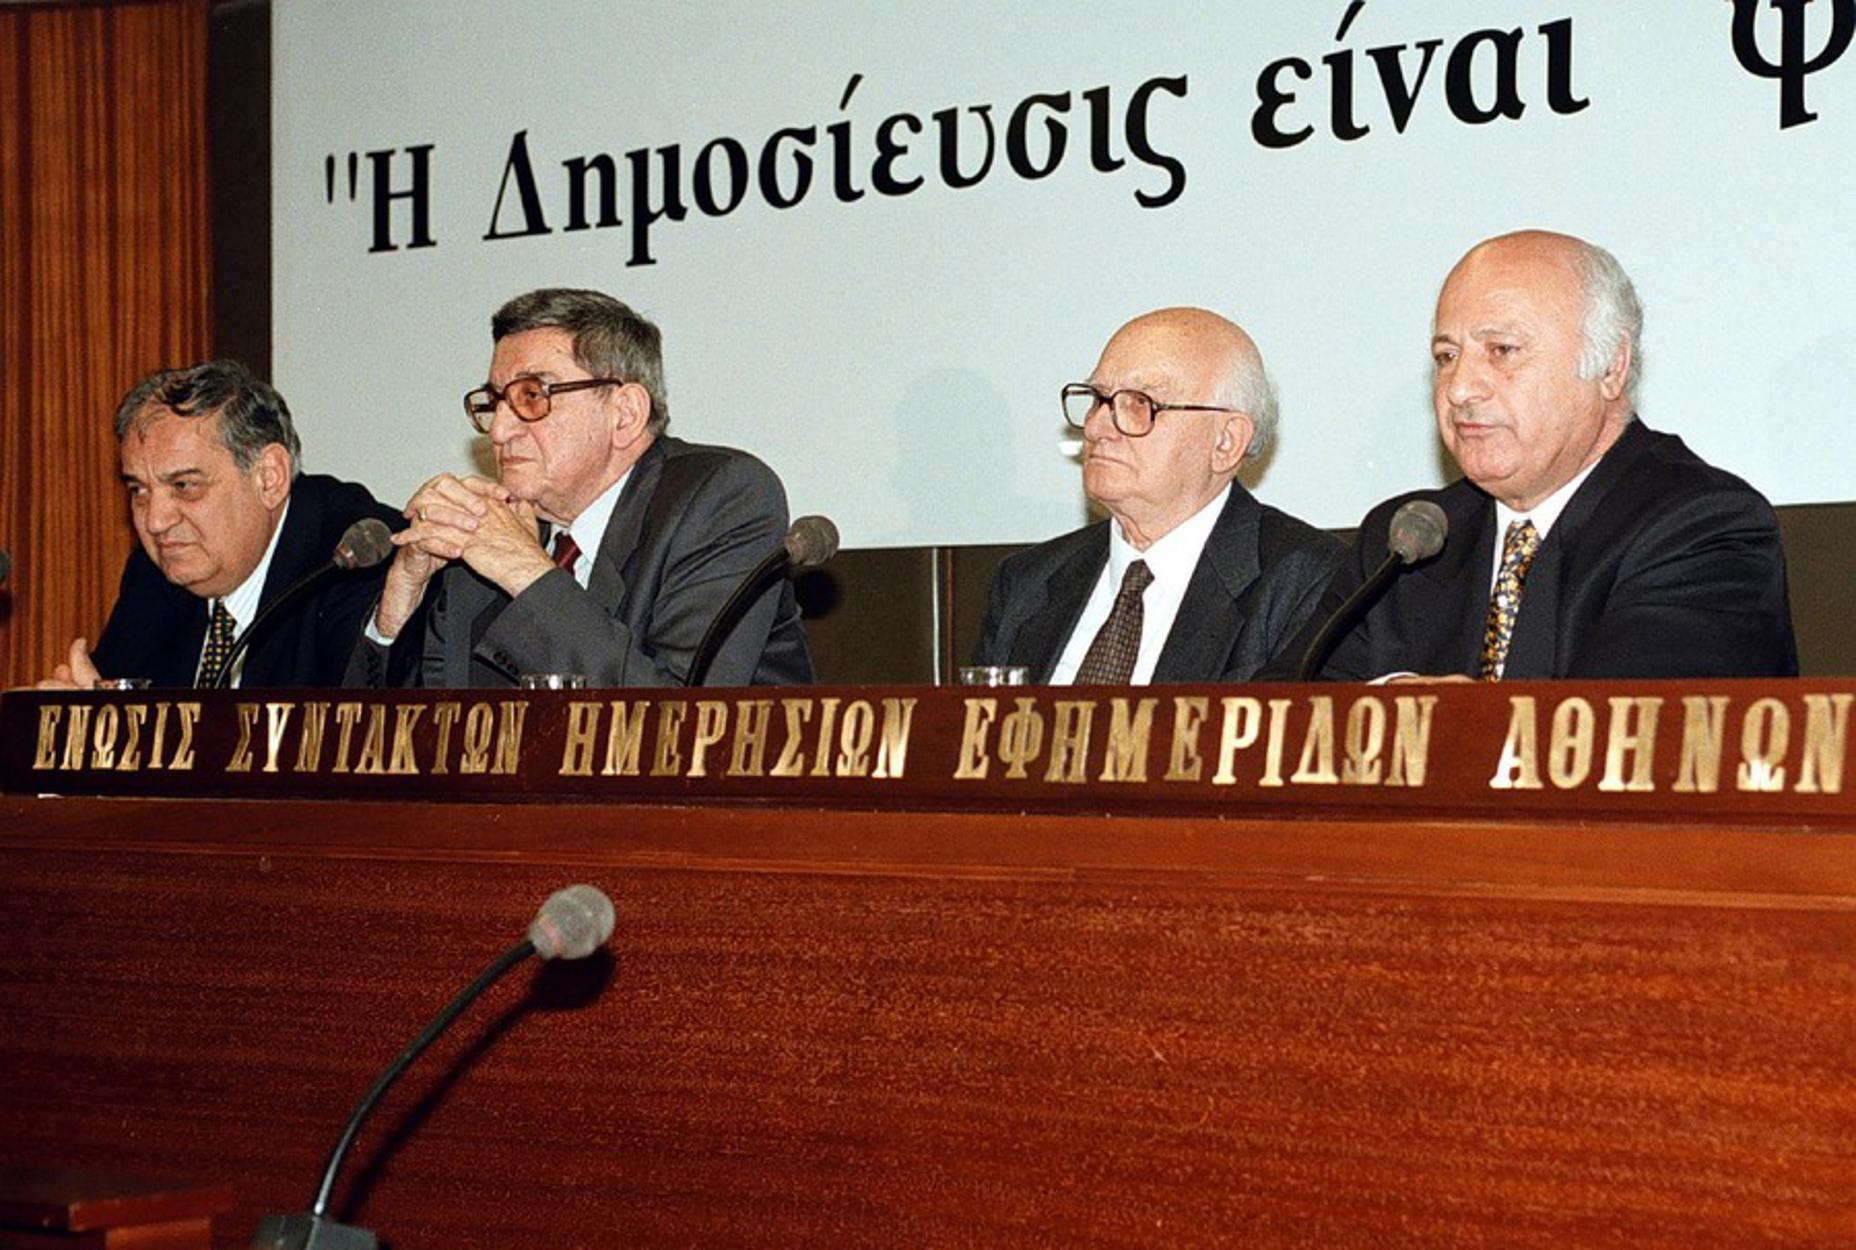 Ο Γιώργος Μπέρτσος πρώτος από αριστερά